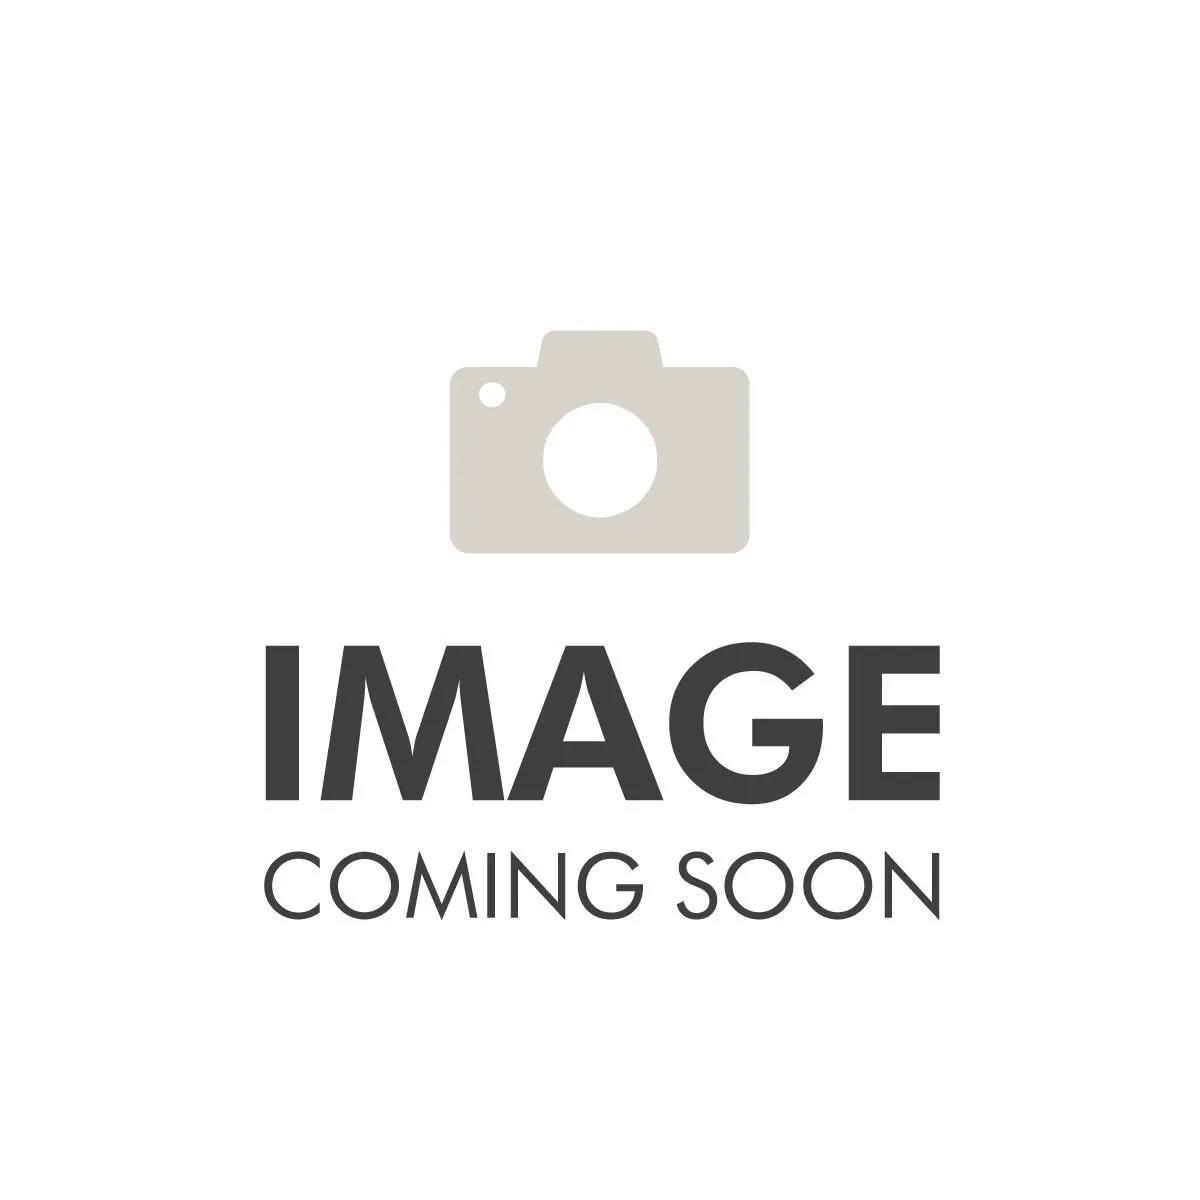 Billet Grille Insert Polished Aluminum 07-12 Jeep JK Wrangler